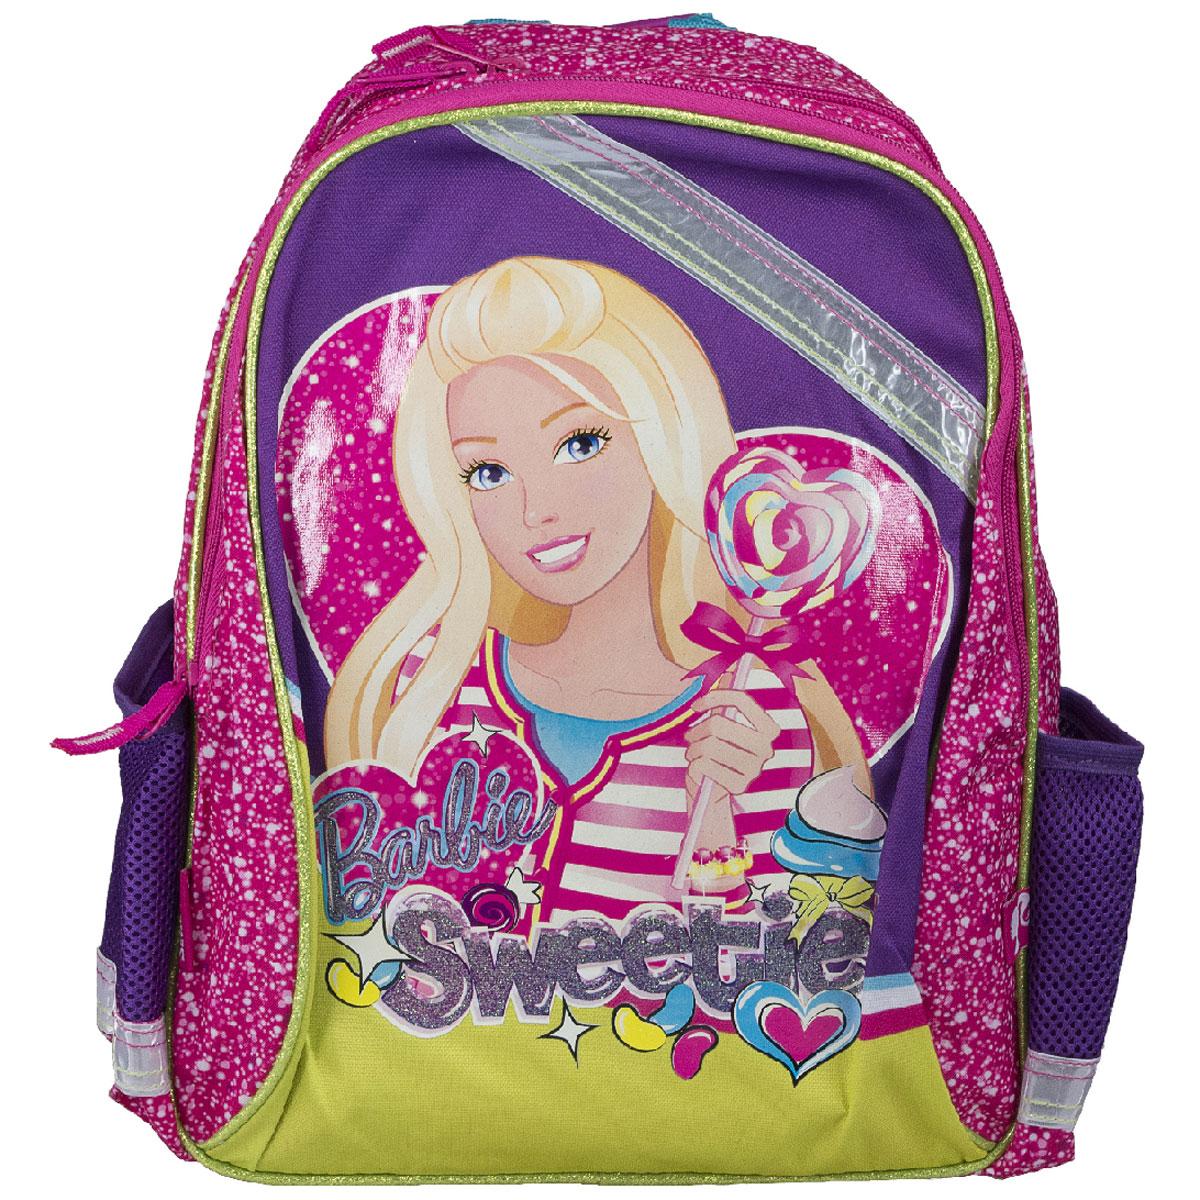 Рюкзак школьный Barbie Sweetie, цвет: розовый, фиолетовый. BRCB-MT1-977LPCB-RT2-786Рюкзак школьный Barbie Sweetie обязательно понравится вашей школьнице. Выполнен из прочных и высококачественных материалов, дополнен изображением очаровательной Барби.Содержит два вместительных отделения, закрывающиеся на застежки-молнии. В большом отделении находится перегородка для тетрадей или учебников. Дно рюкзака можно сделать жестким, разложив специальную панель с пластиковой вставкой, что повышает сохранность содержимого рюкзака и способствует правильному распределению нагрузки. По бокам расположены два накладных кармана-сетка. Конструкция спинки дополнена противоскользящей сеточкой и системой вентиляции для предотвращения запотевания спины ребенка. Мягкие широкие лямки позволяют легко и быстро отрегулировать рюкзак в соответствии с ростом. Рюкзак оснащен эргономичной ручкой для удобной переноски в руке. Светоотражающие элементы обеспечивают безопасность в темное время суток.Такой школьный рюкзак станет незаменимым спутником вашего ребенка в походах за знаниями.Вес рюкзака без наполнения: 550 г.Рекомендуемый возраст: от 7 лет.